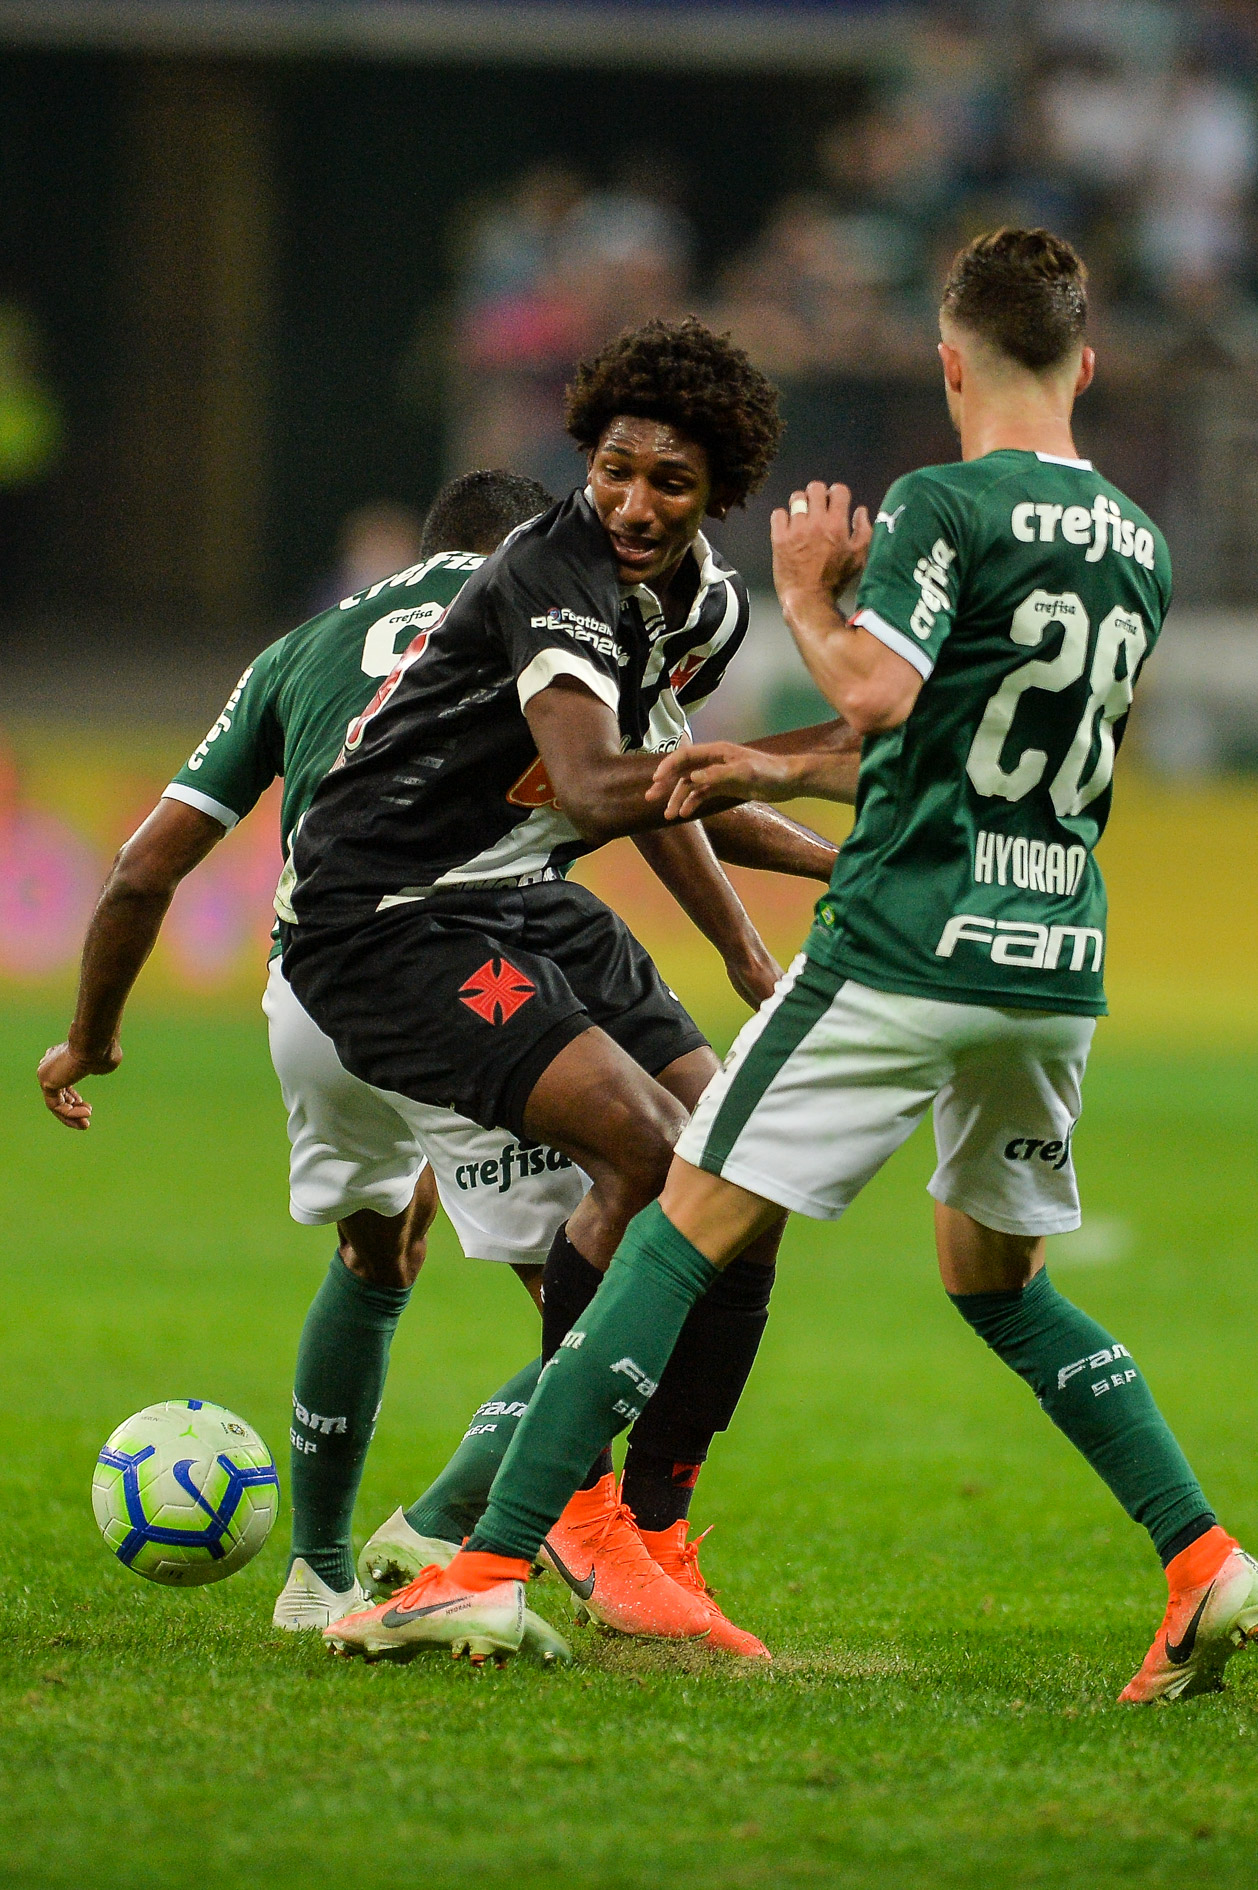 Palmeiras_X_Vasco_dudabairros_Agif_1025.